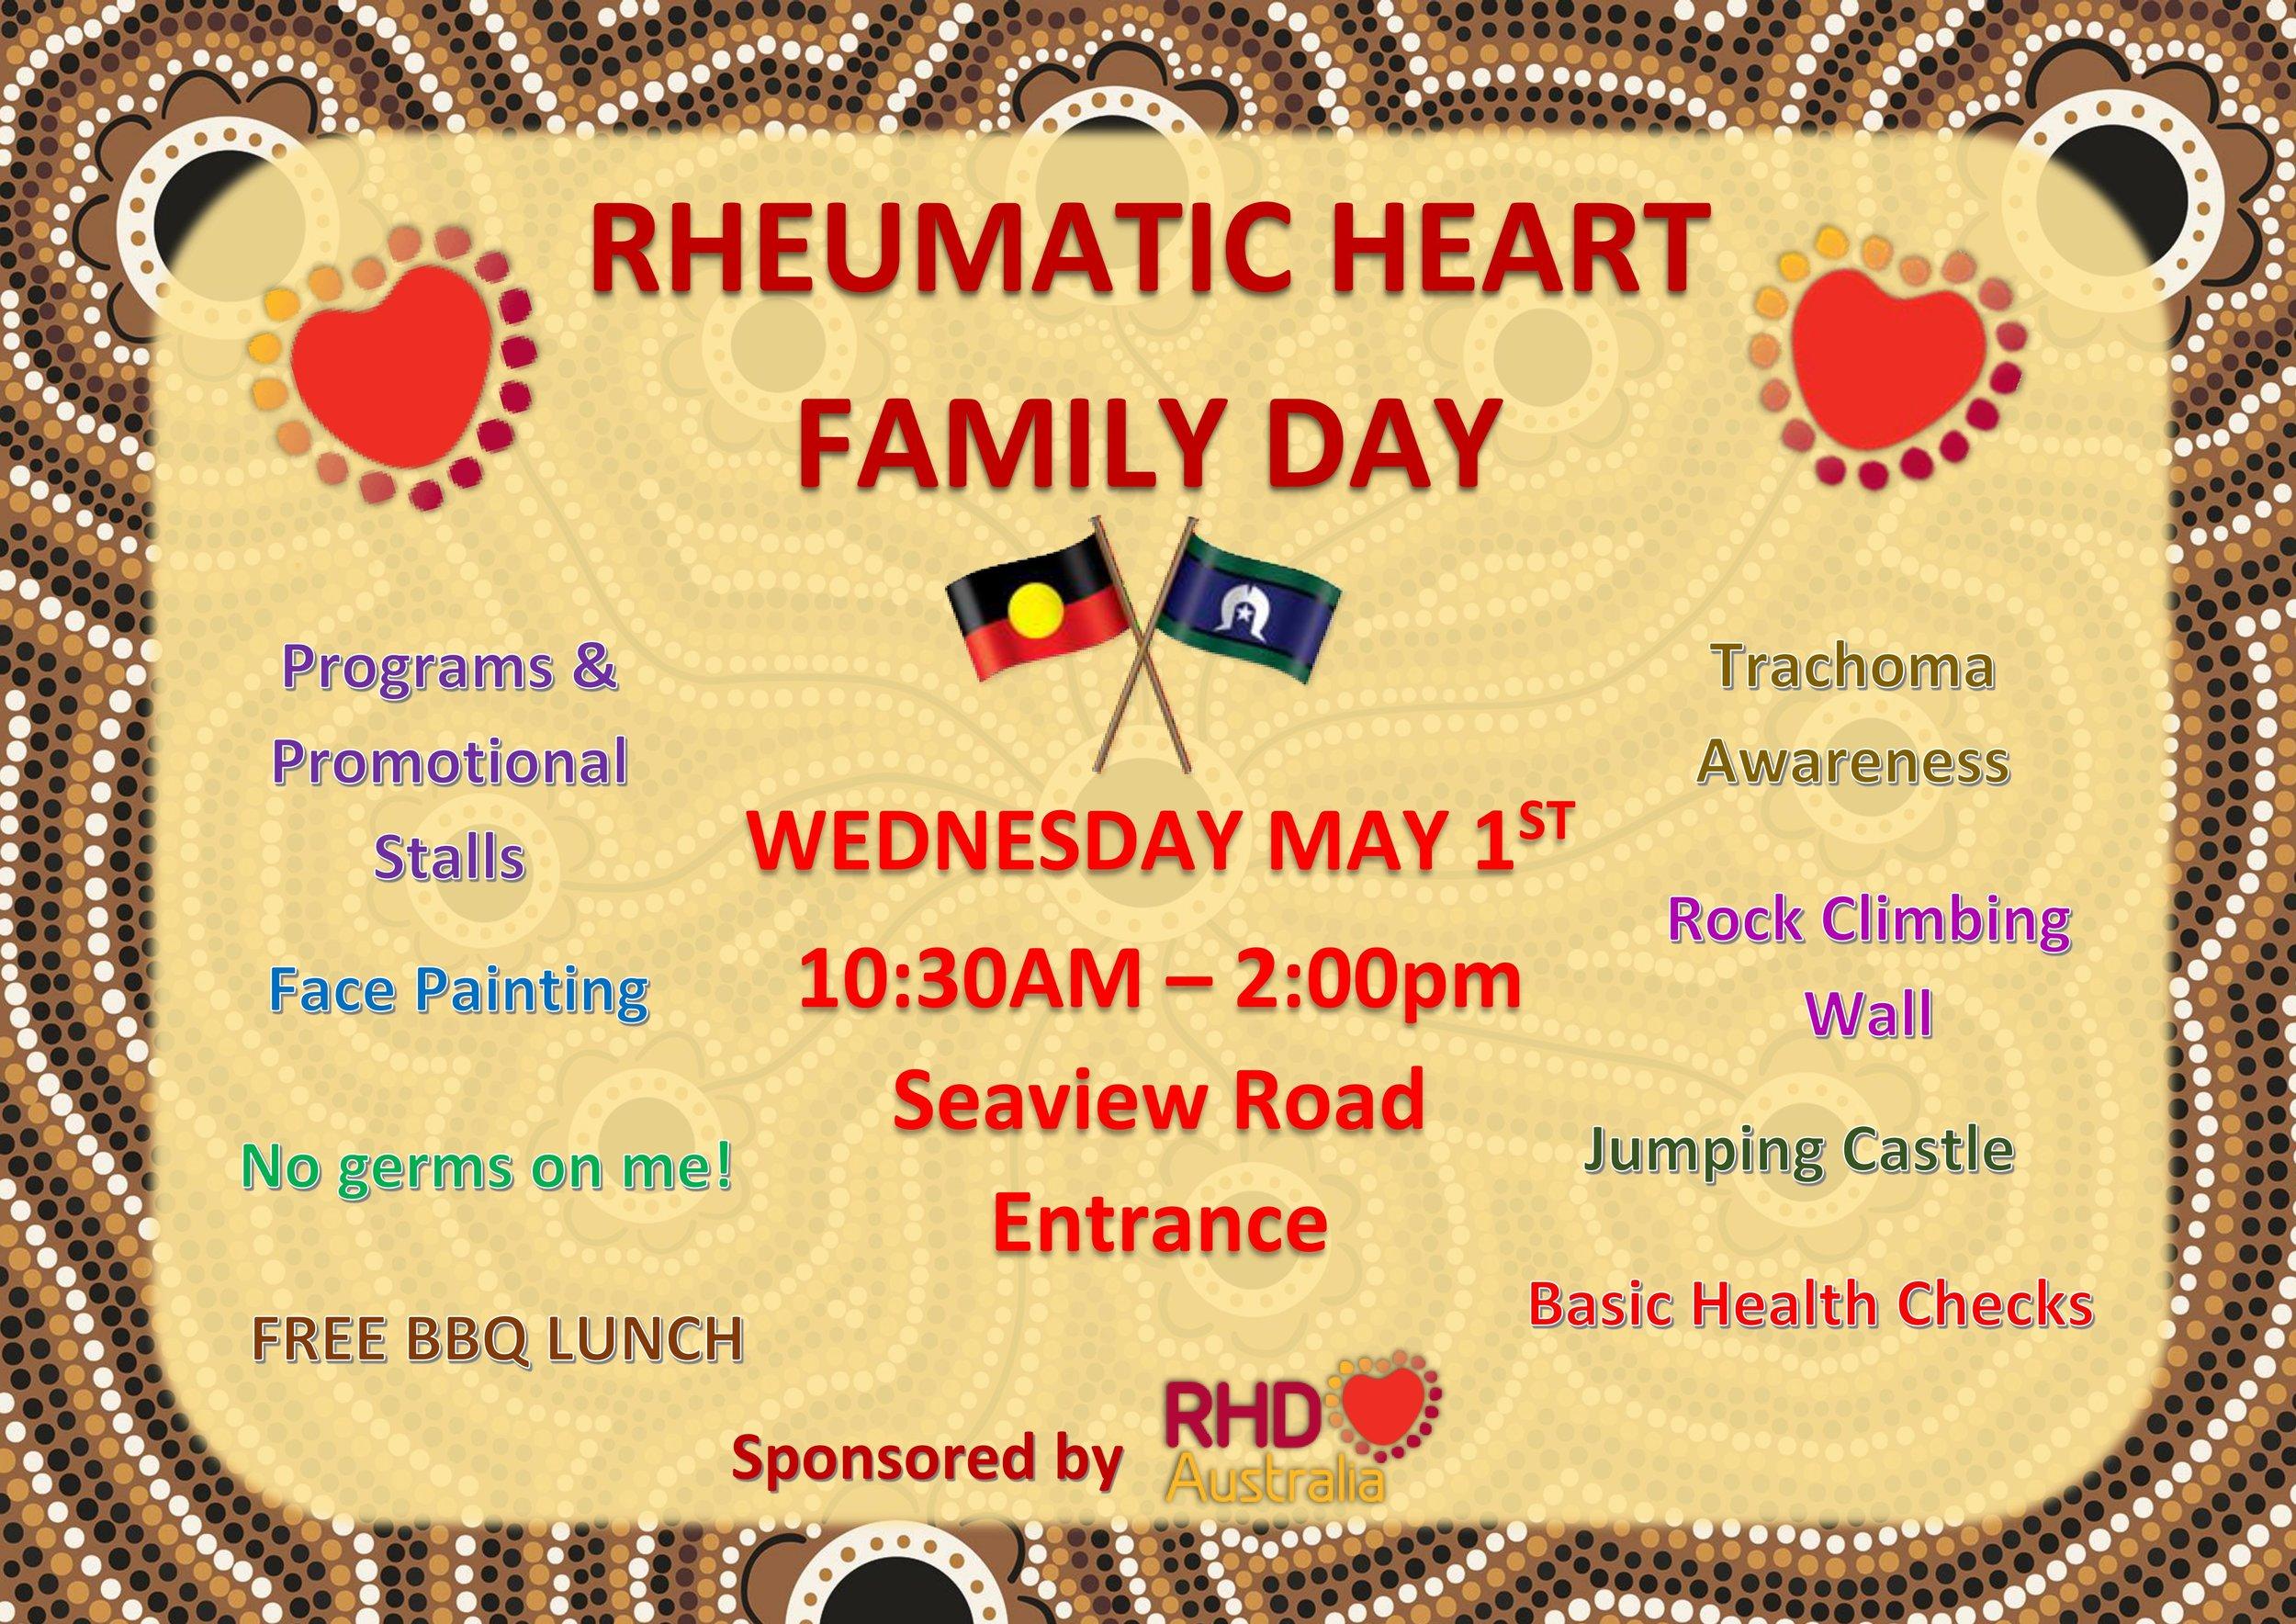 Rheumatic heart jpg.jpg